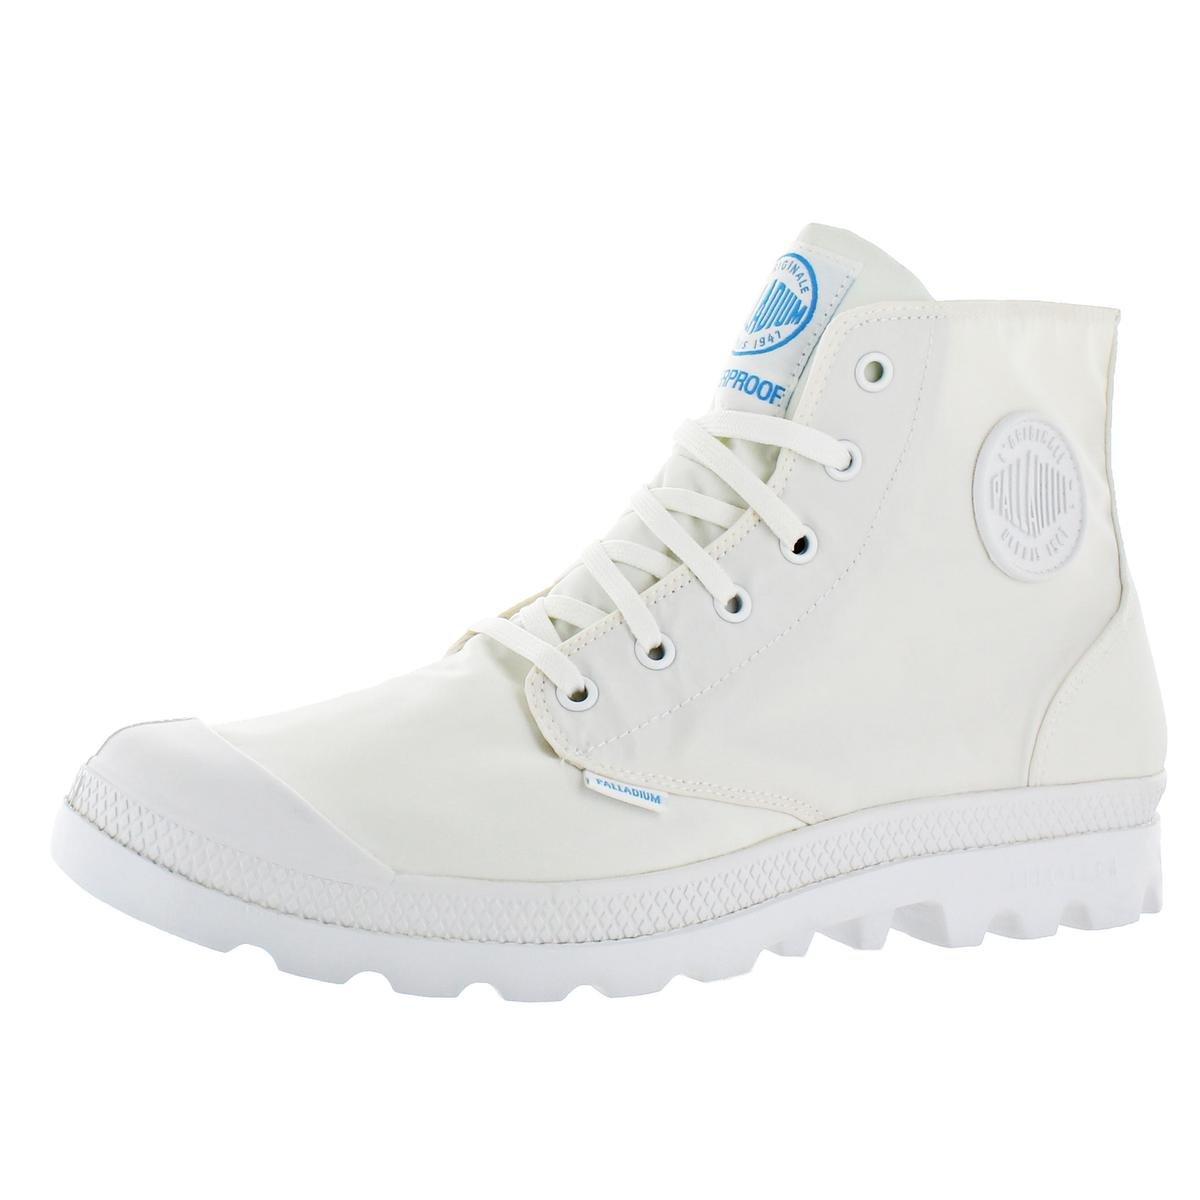 Palladium Pampa Puddle Lite Men's Nylon Lace-up Waterproof Boots White Size 9.5